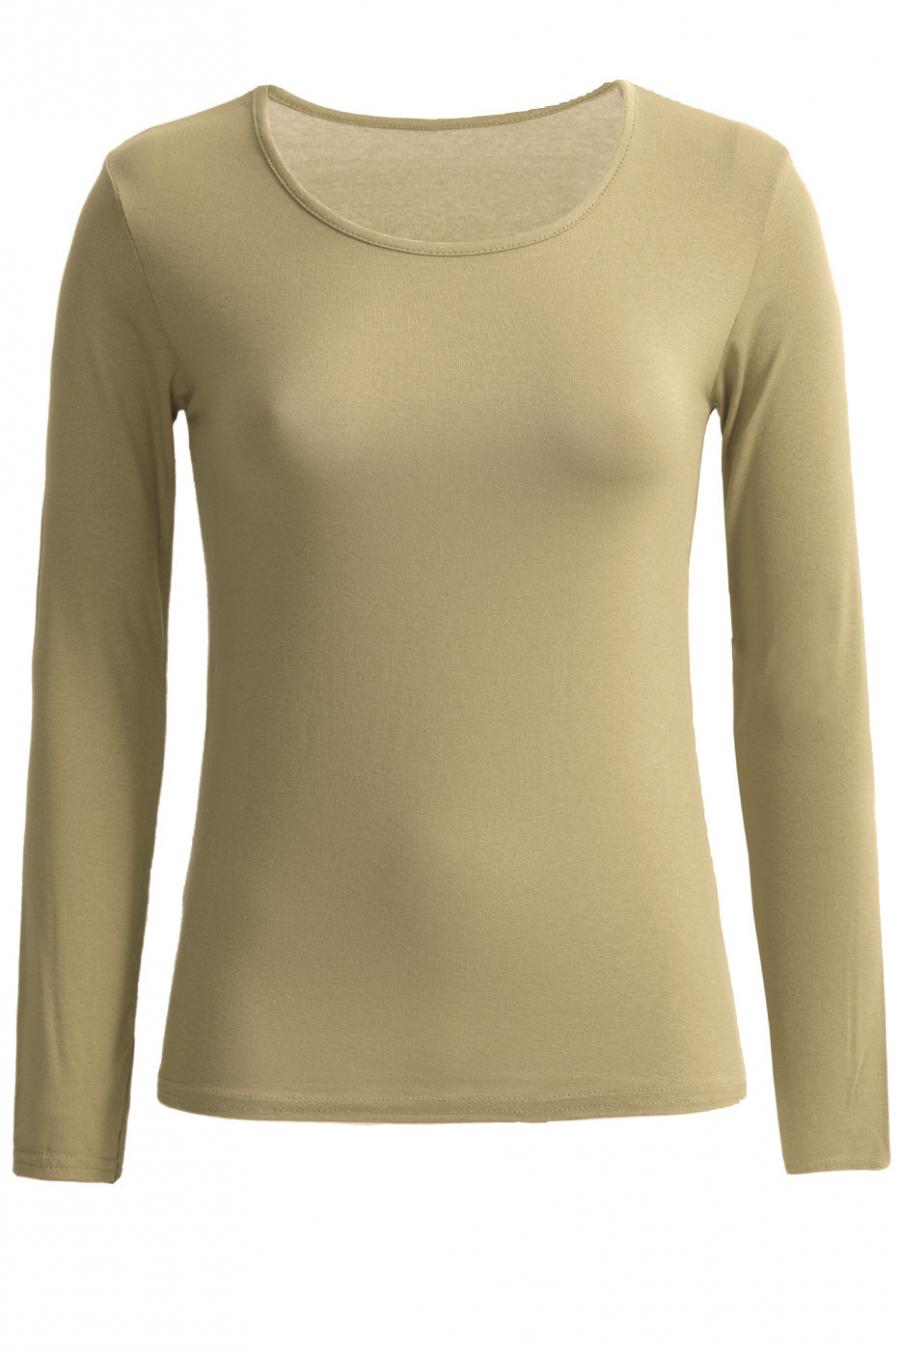 Zeer trendy kaki trui met ronde hals. Goedkope dameskleding.